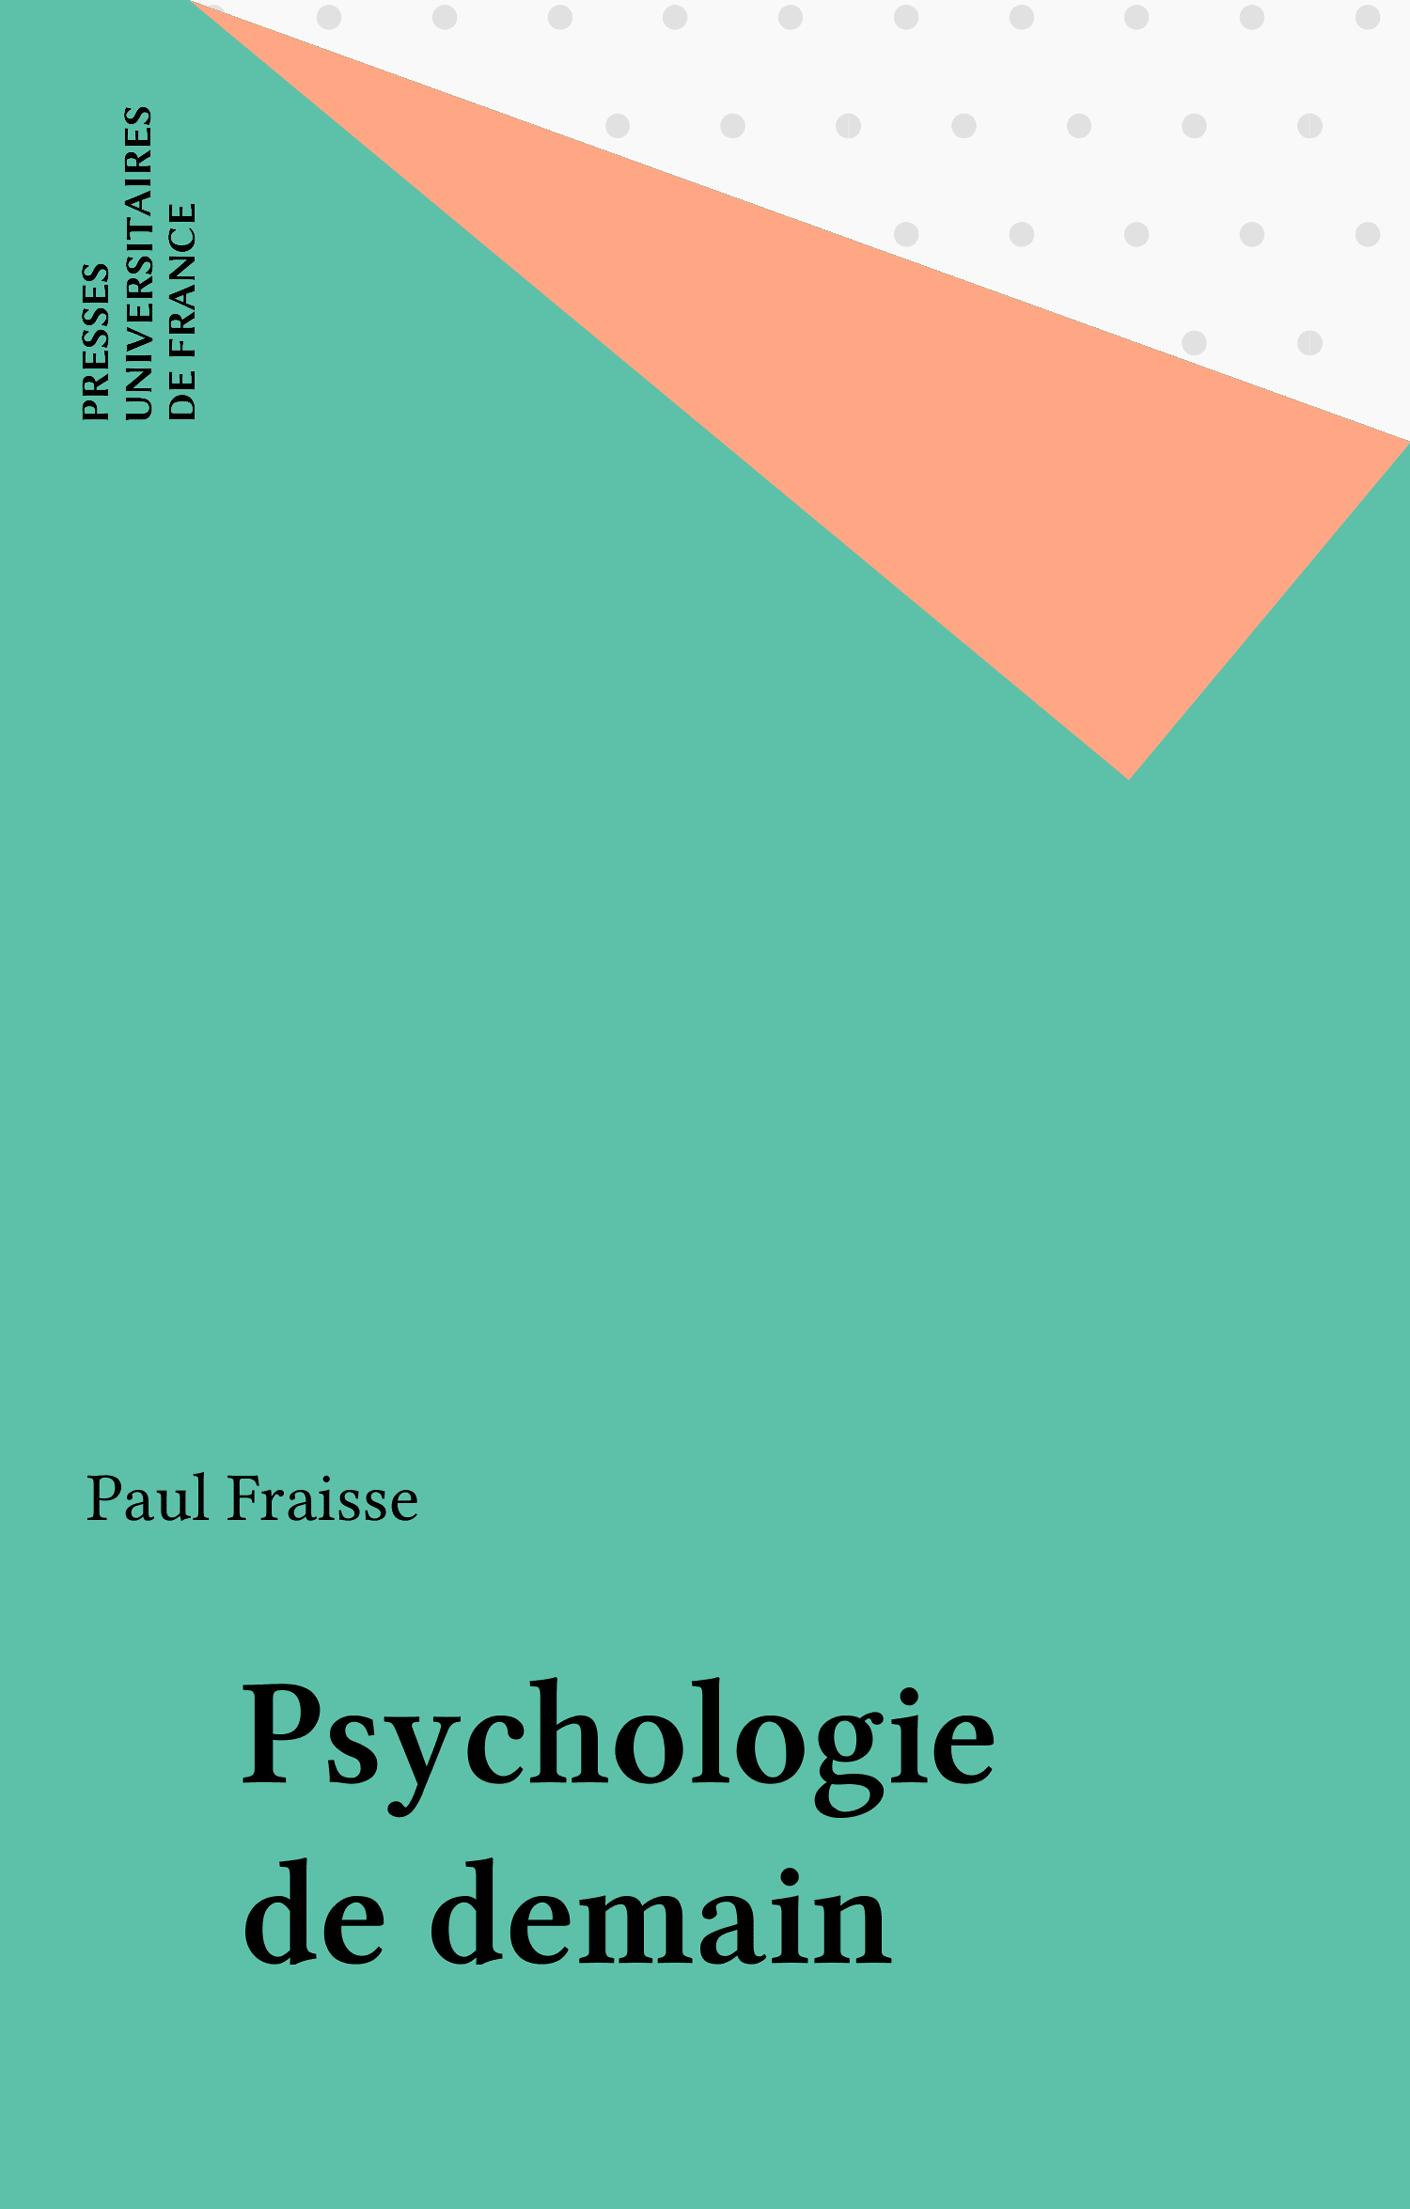 Psychologie de demain